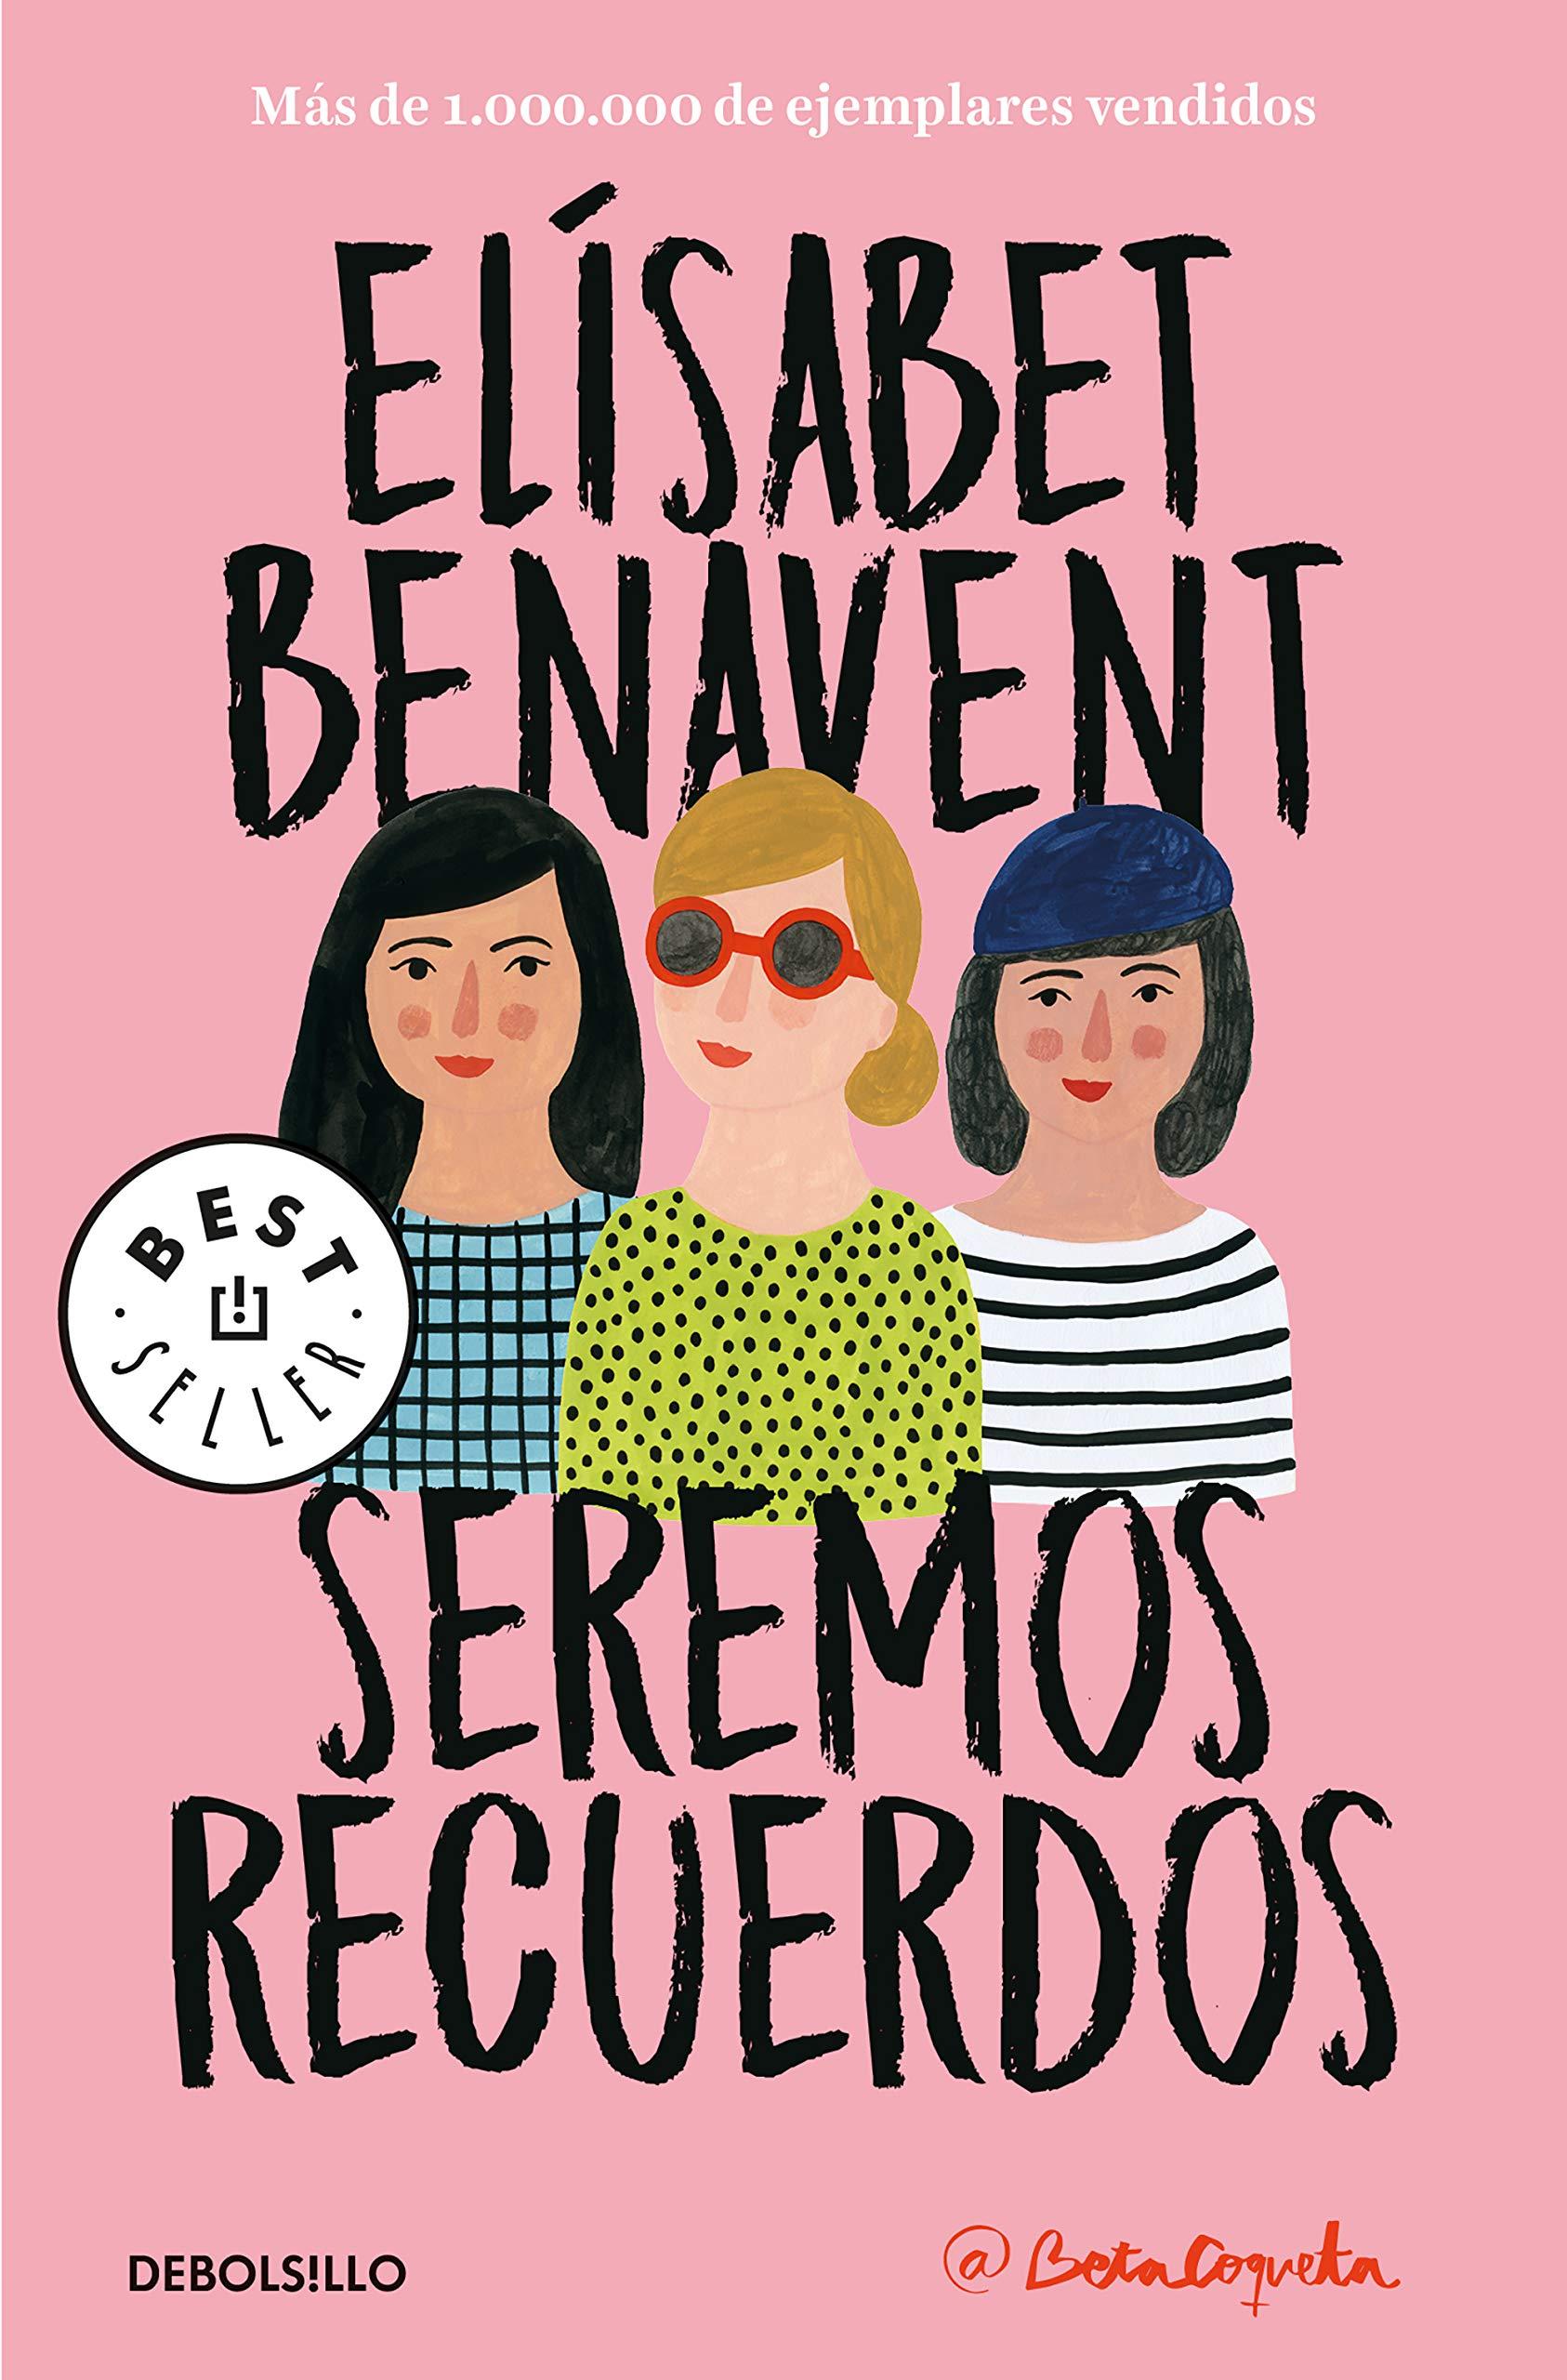 Seremos recuerdos (Canciones y recuerdos 2) (BEST SELLER) Tapa blanda – 24 ene 2019 Elísabet Benavent DEBOLSILLO 8466346503 FICTION / Erotica / General